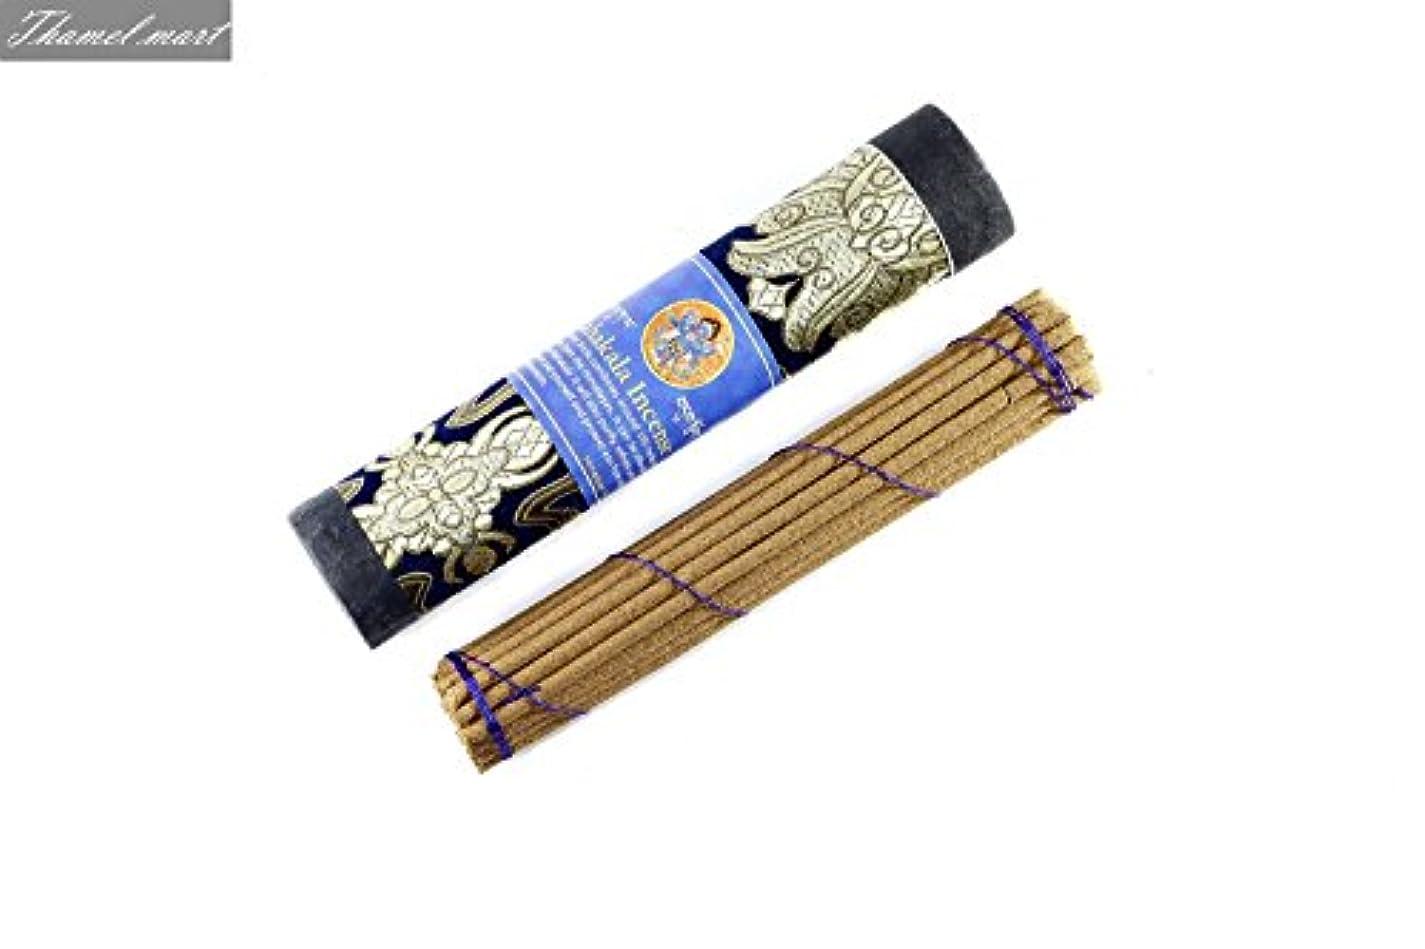 味付けペルセウス平和Mahakala Incense Sticks - Spiritual & Medicinal Relaxation - More effective than Potpourris & Scented Oils